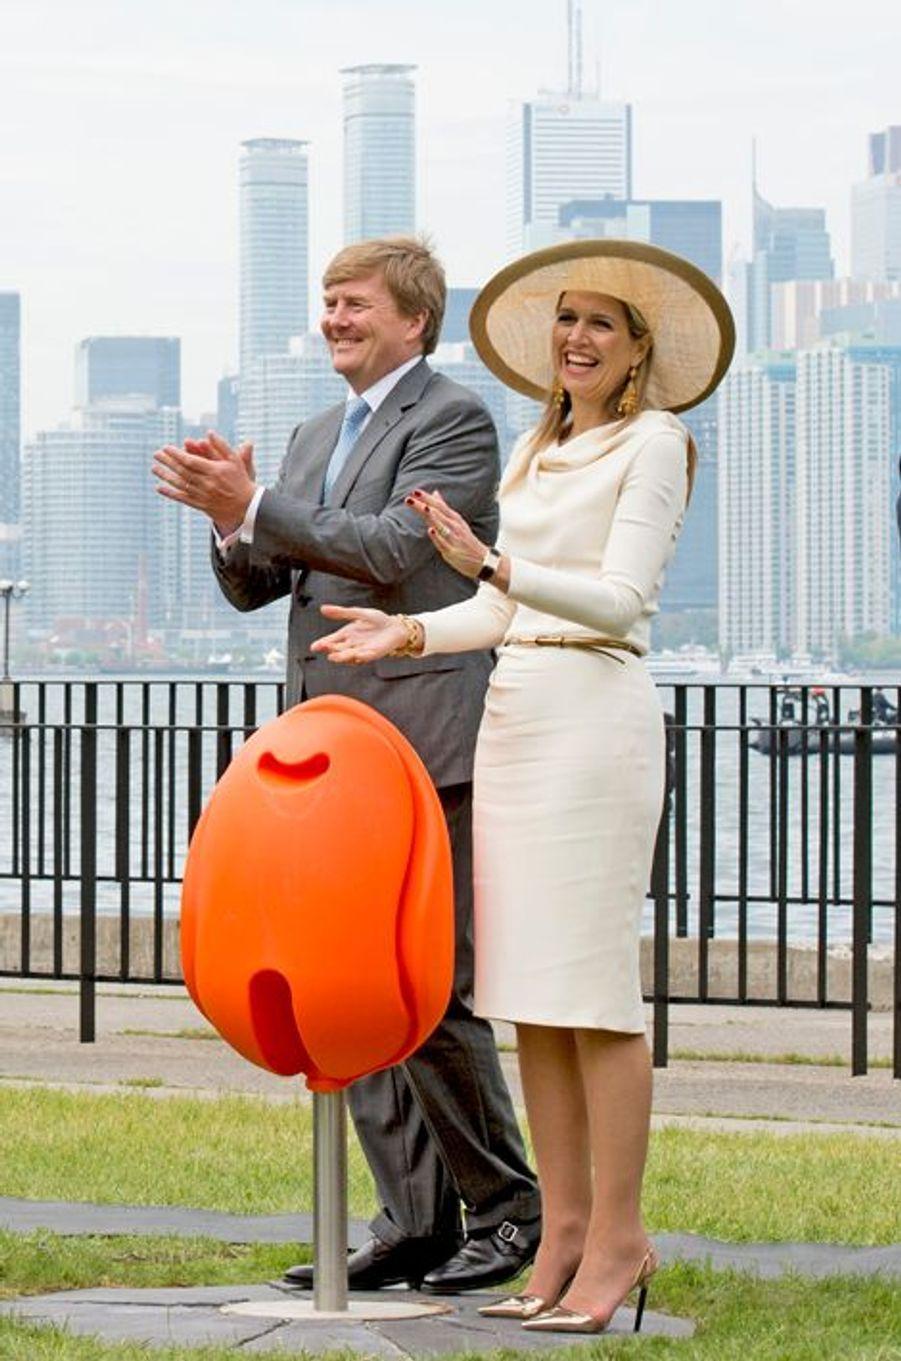 La reine Maxima et le roi Willem-Alexander dévoilent les tulpi-chairs à Toronto, le 29 mai 2015